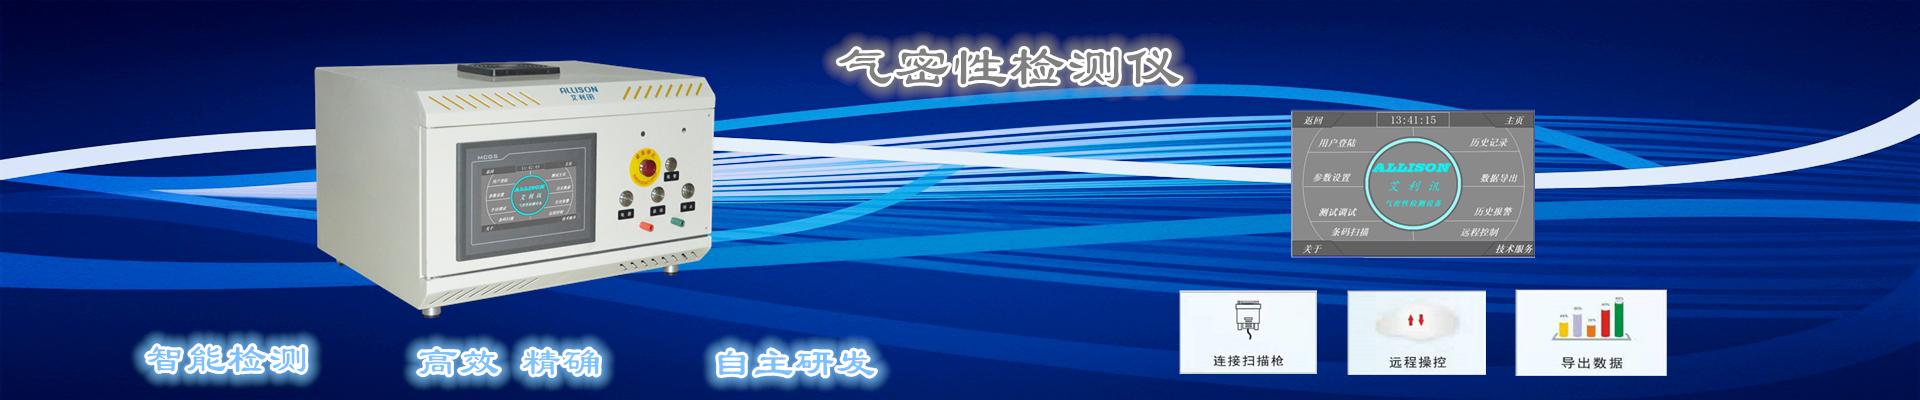 广州市艾利讯电子科技有限公司